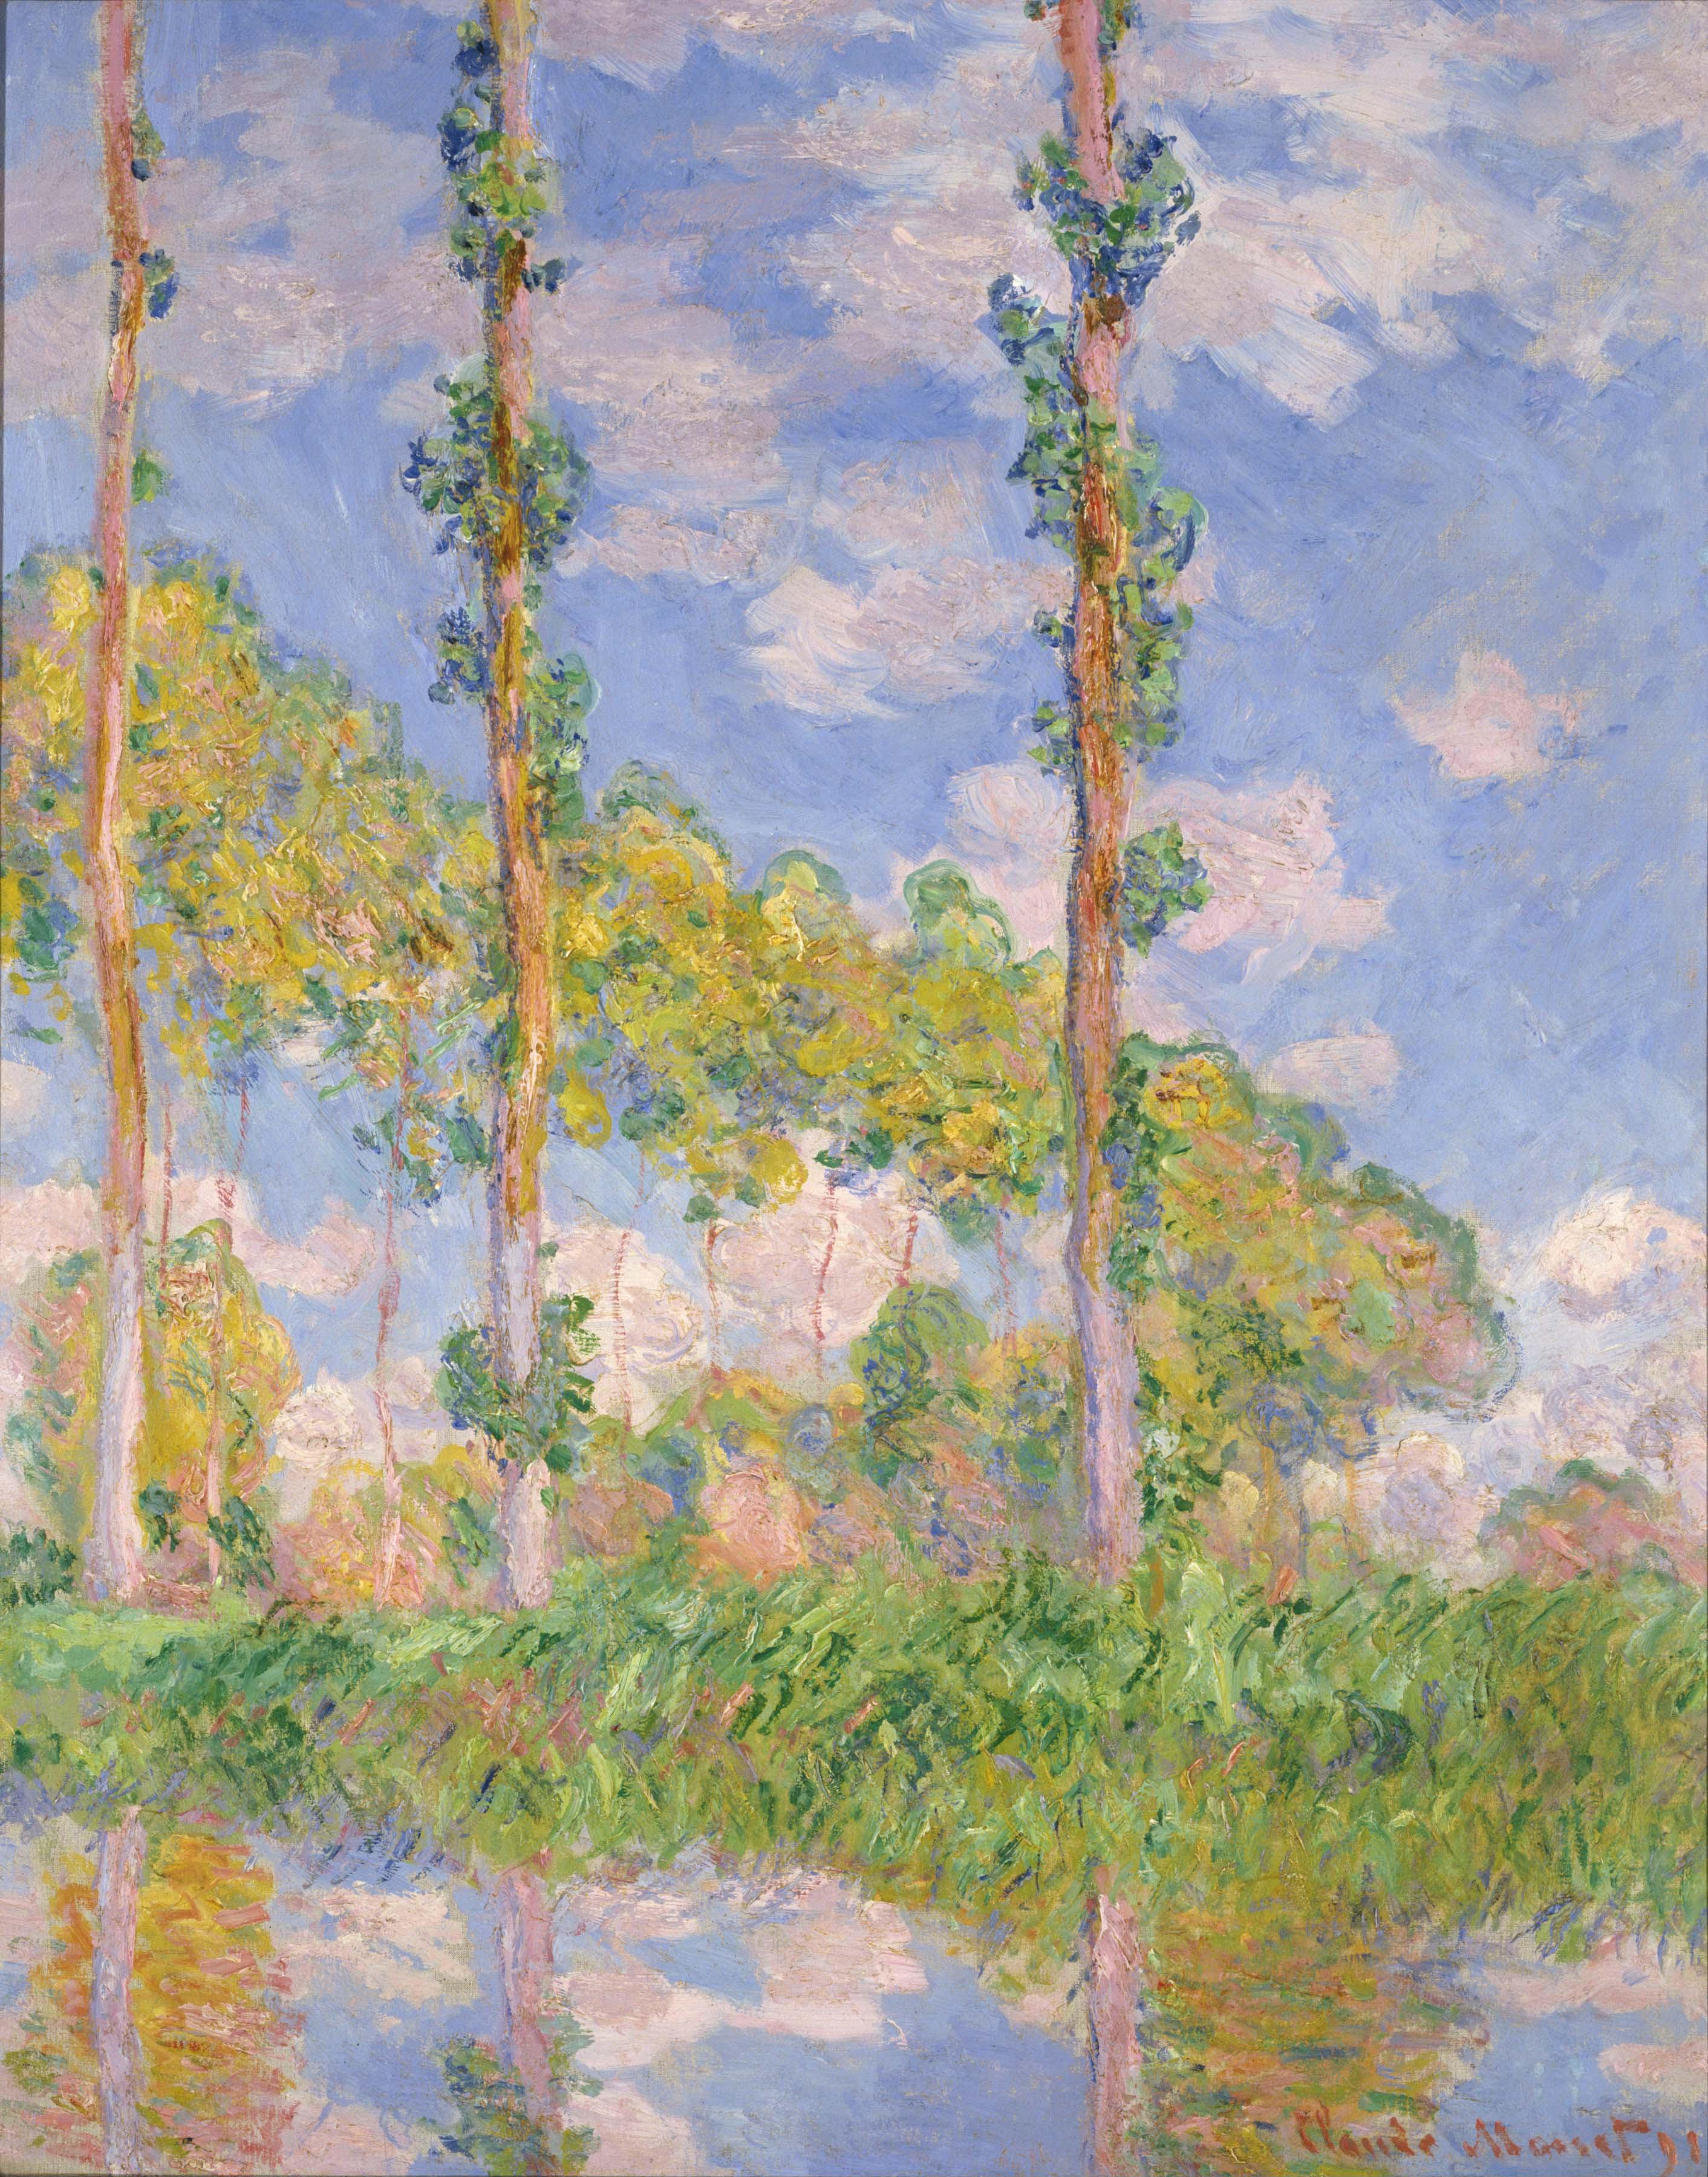 Monet Poplars in the Sun